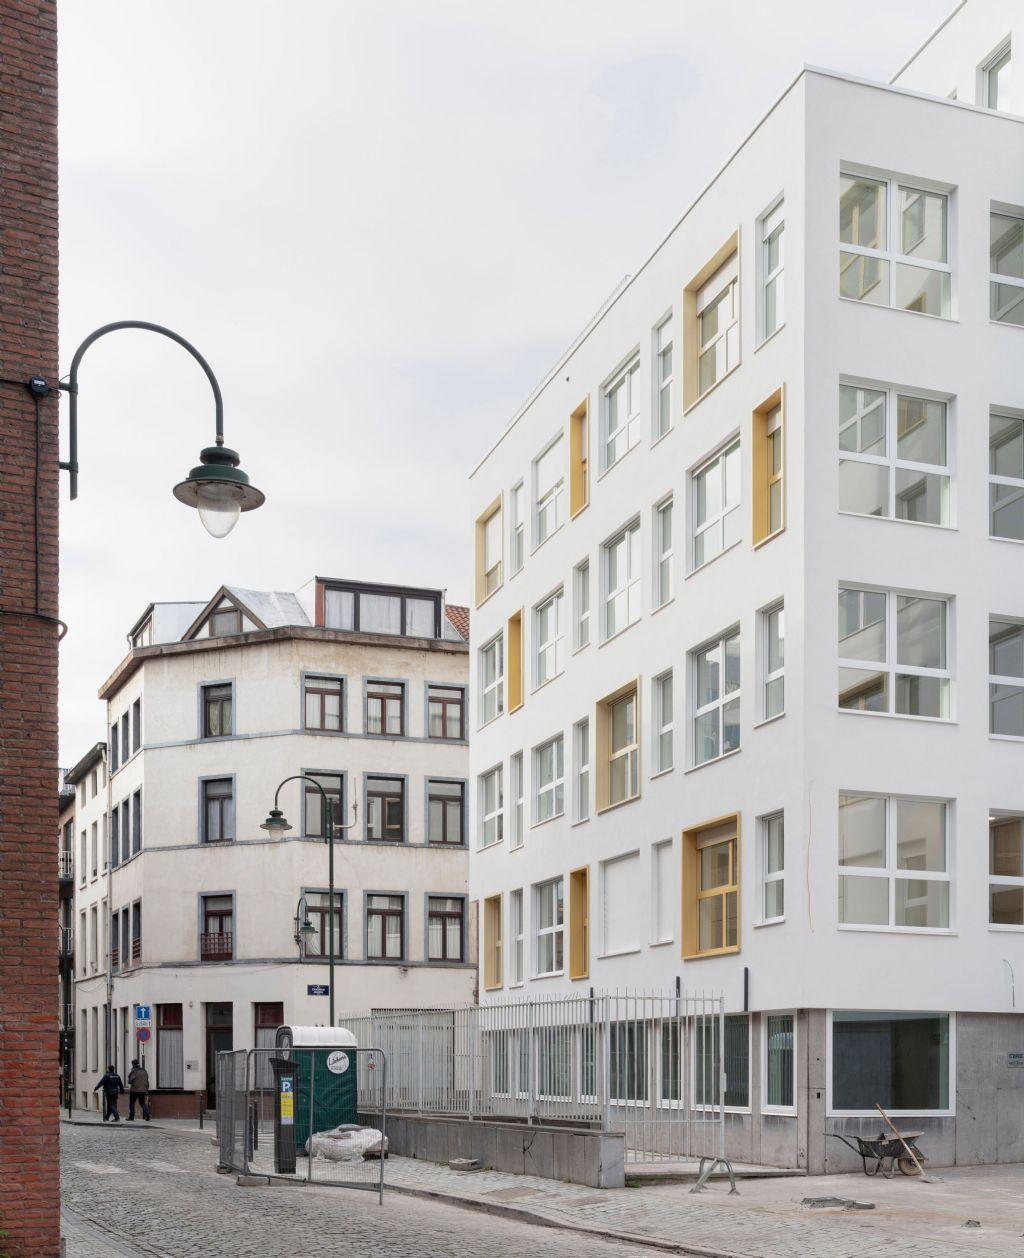 Statig kantoorgebouw herbestemd tot dynamisch onderwijscentrum door OSK-AR architecten